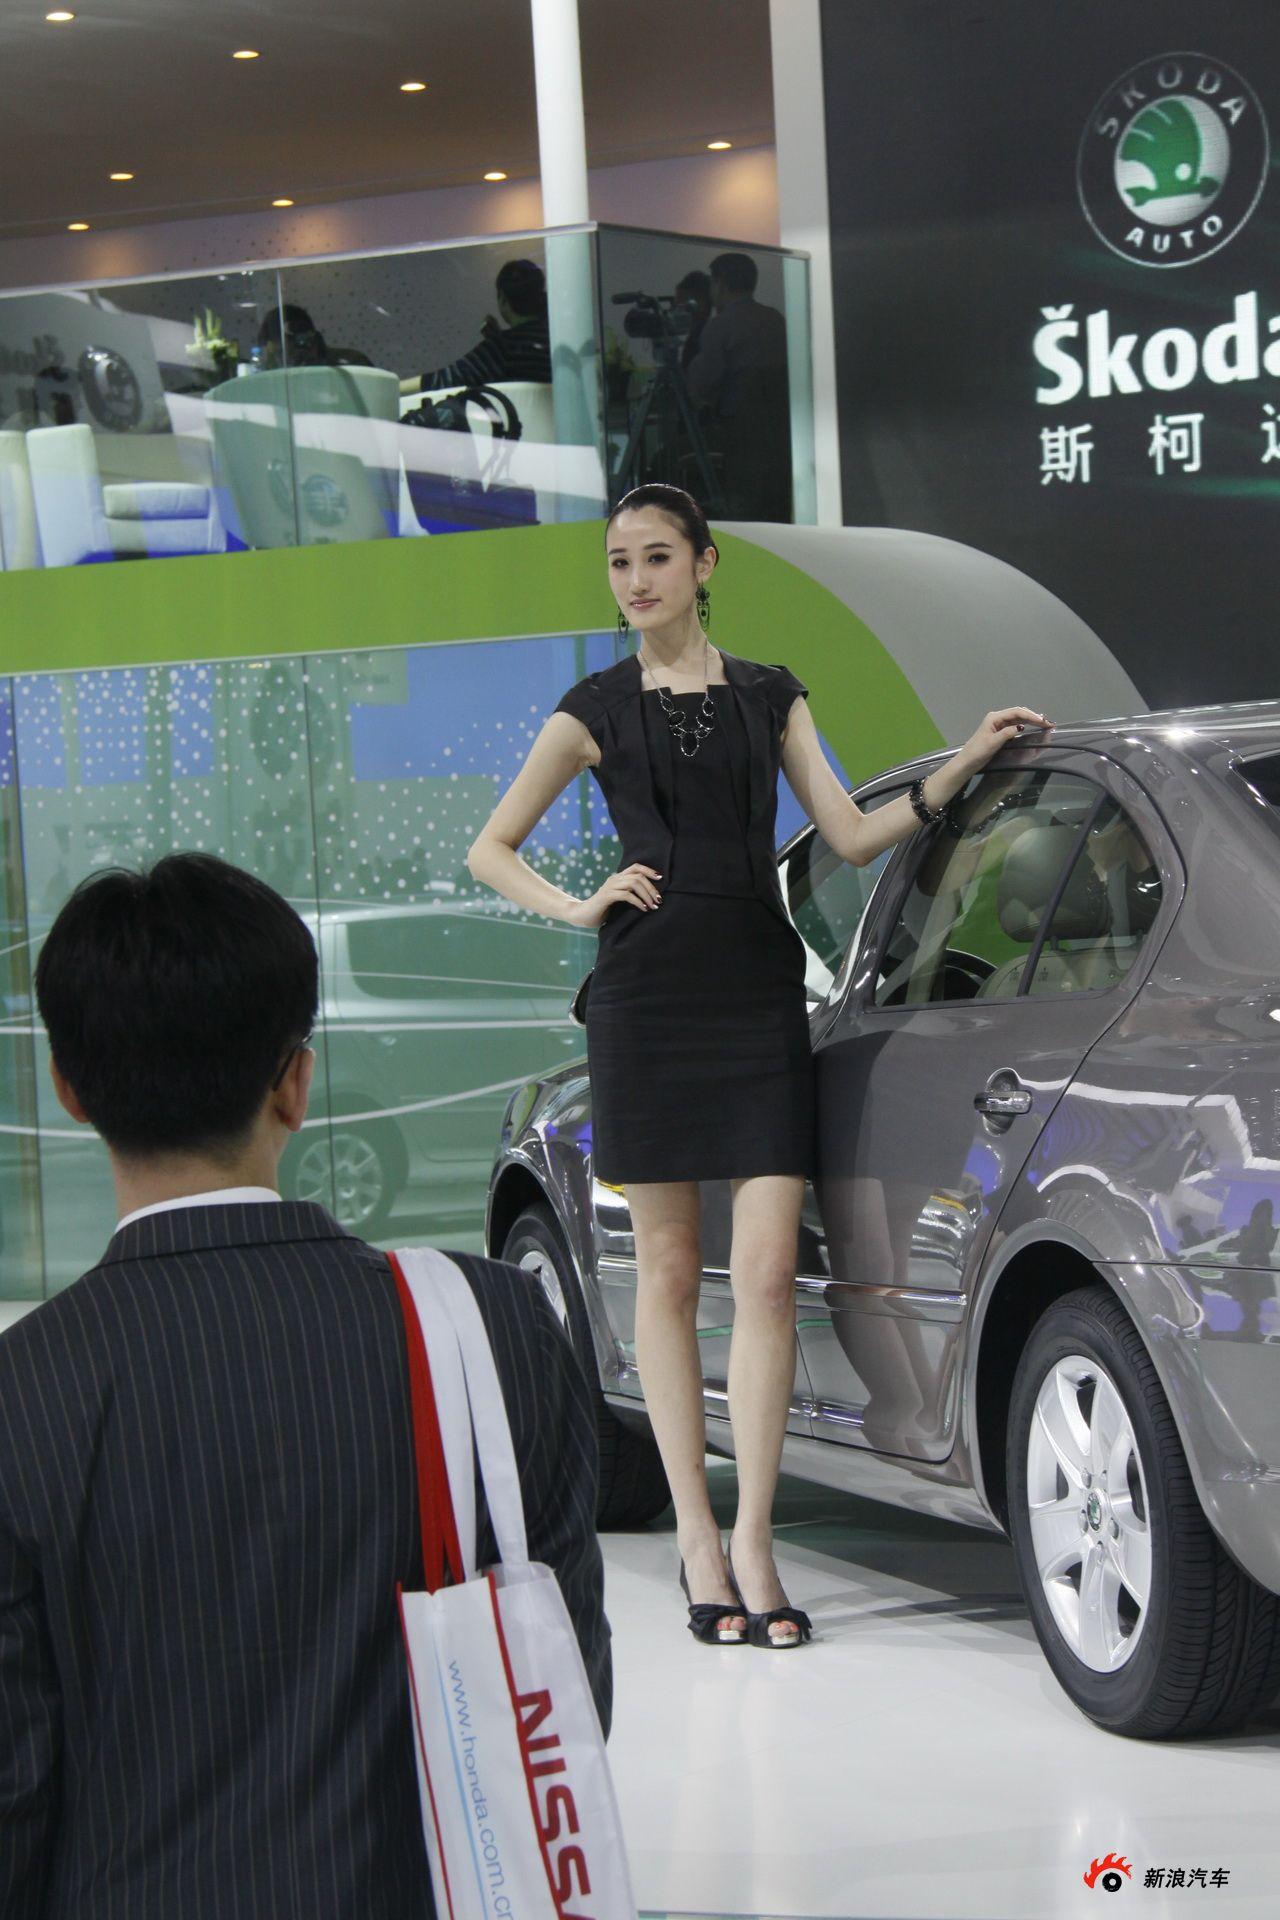 斯柯达展台6号模特